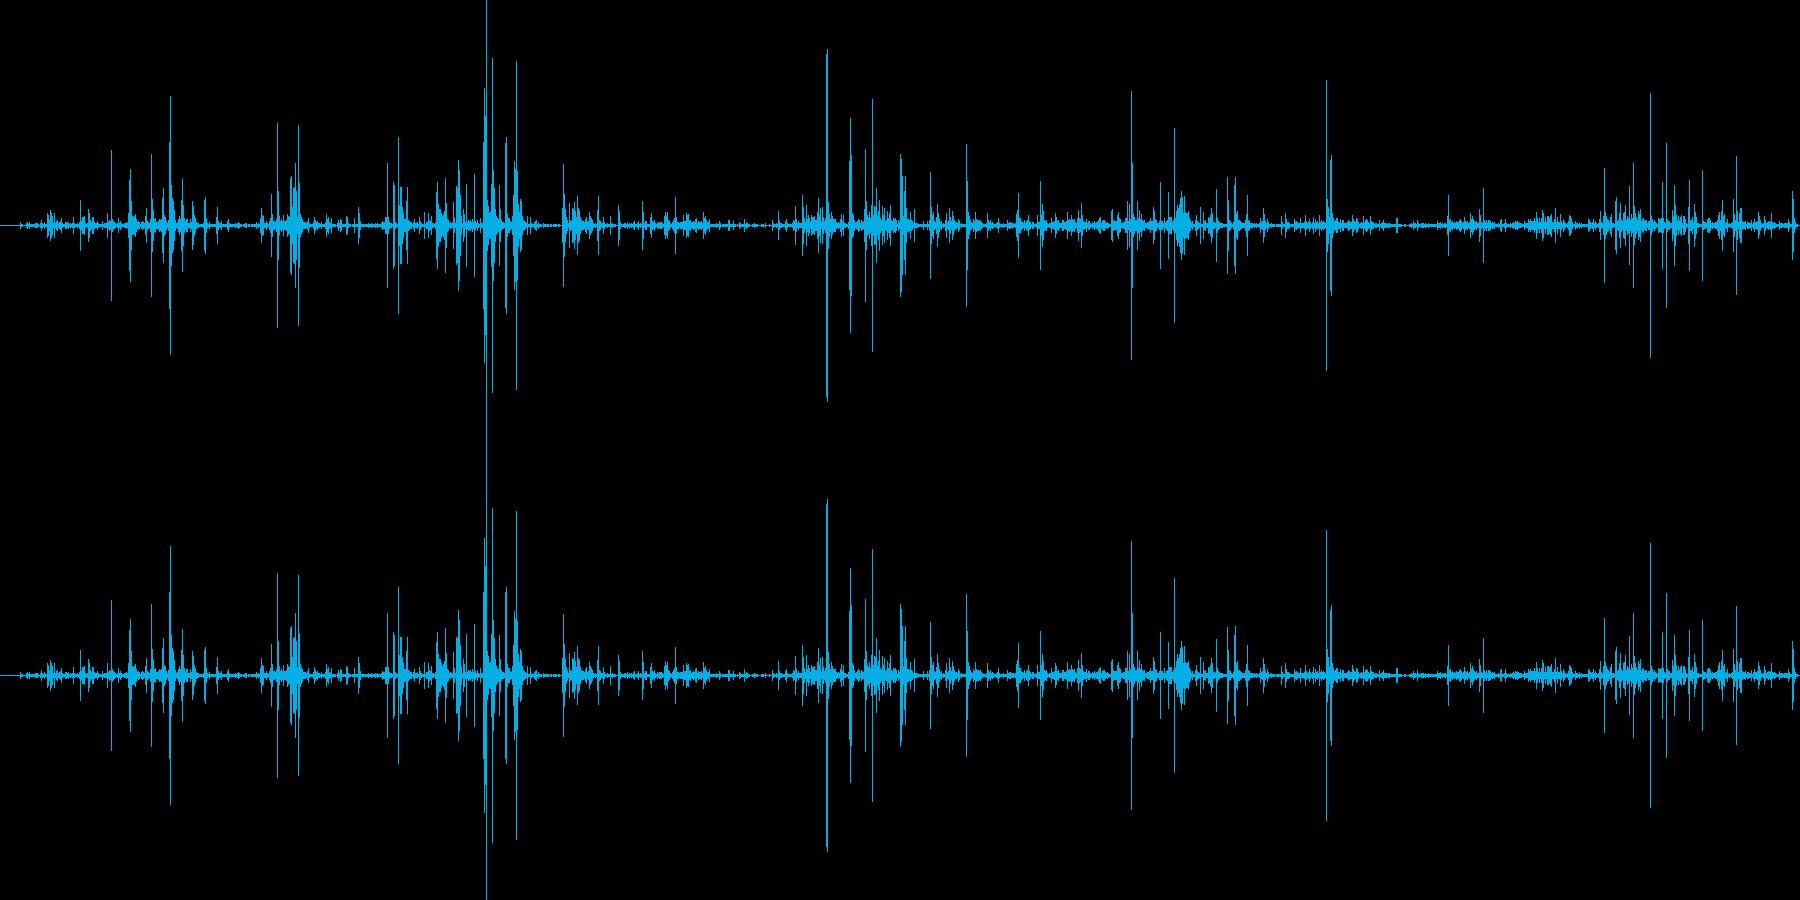 ループ・ネバネバしたものがうごめく音4の再生済みの波形